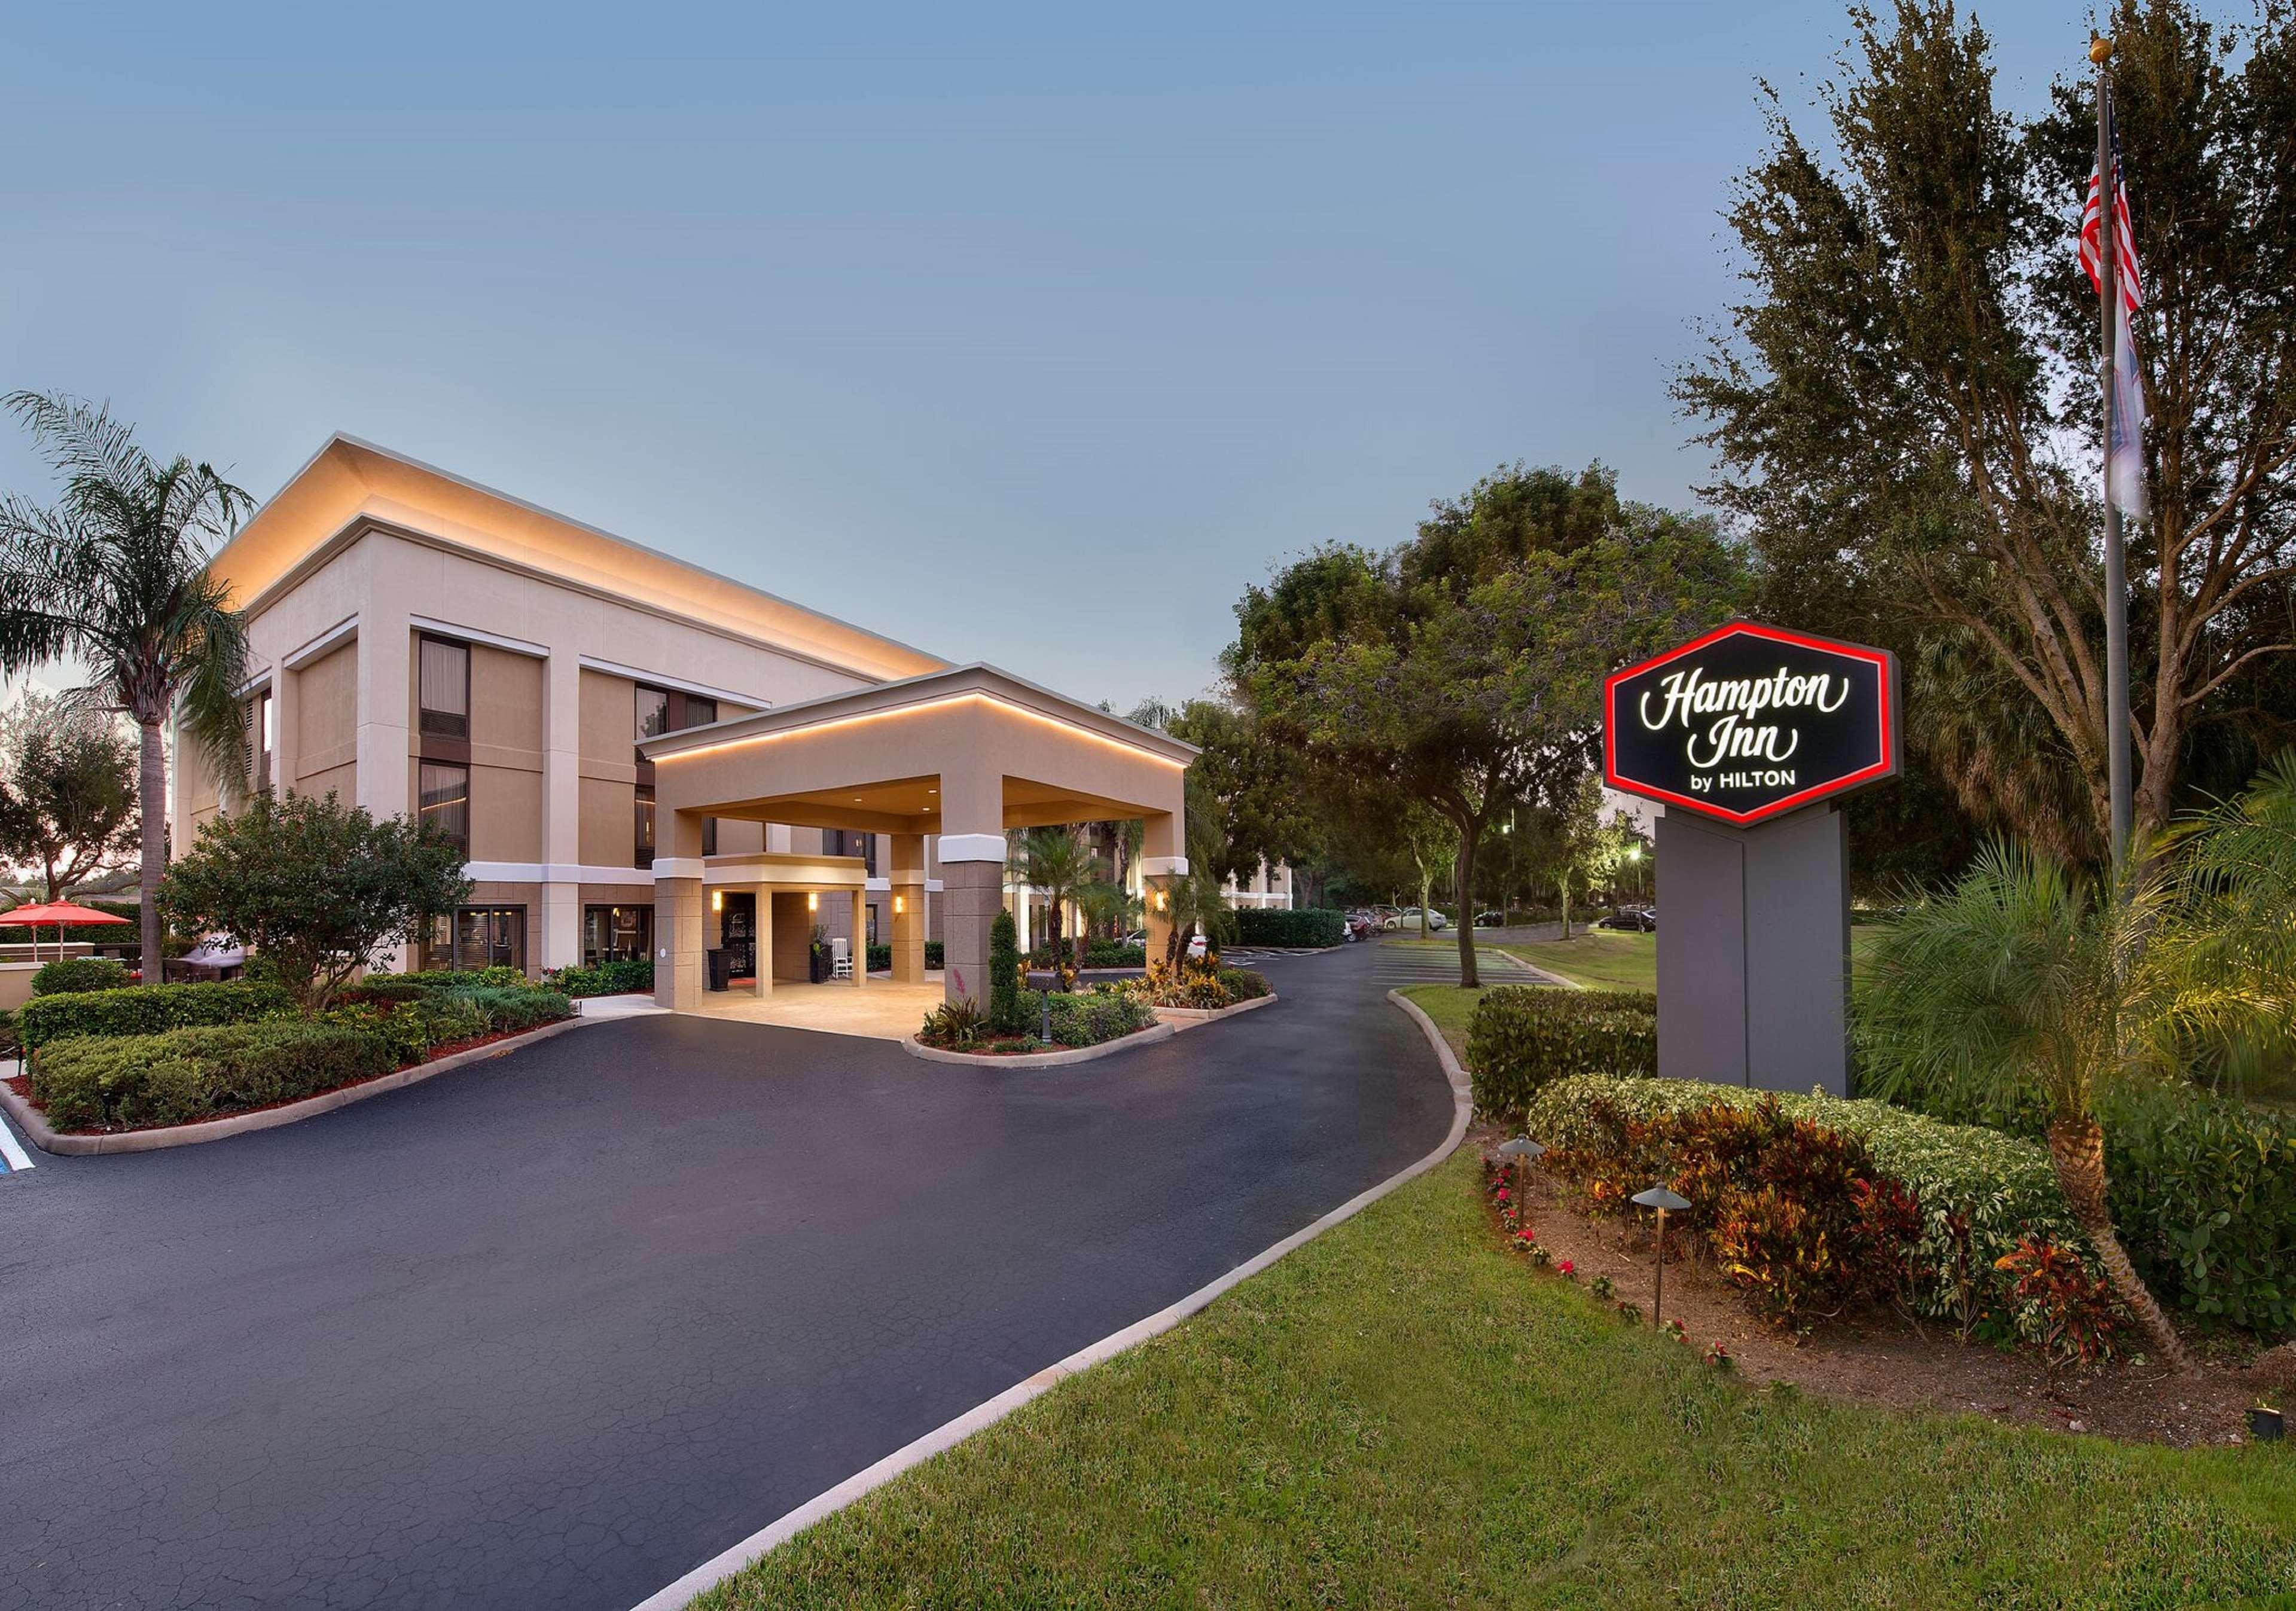 Hampton Inn Naples-I-75 image 3